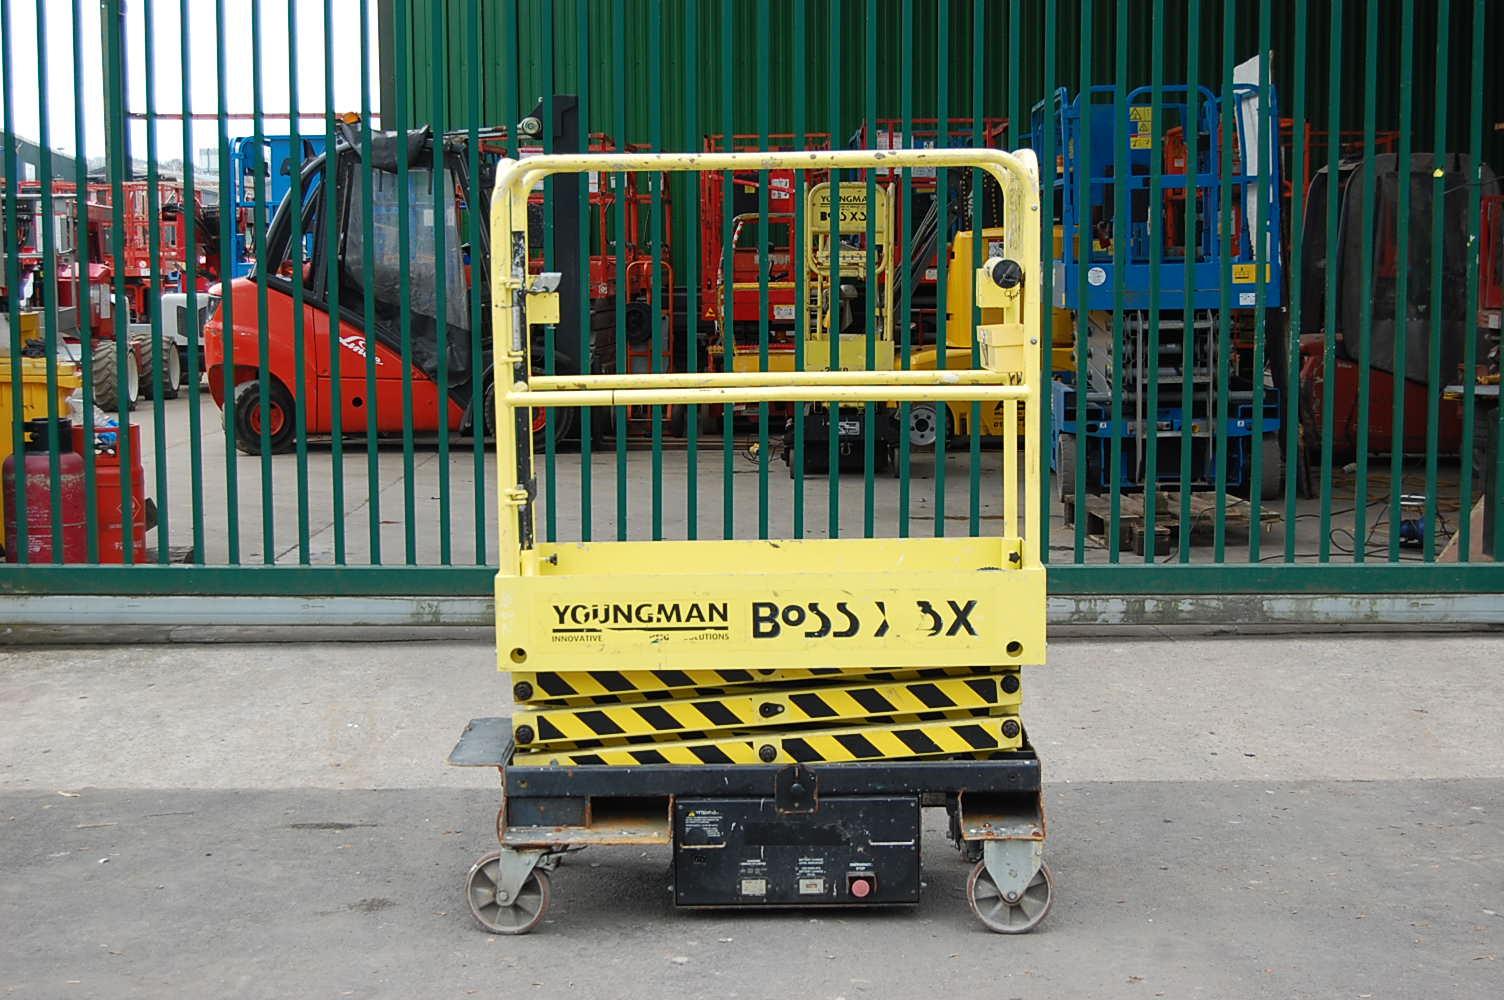 2014 Youngman Boss X3X Pusharound Man Lift 5.2m